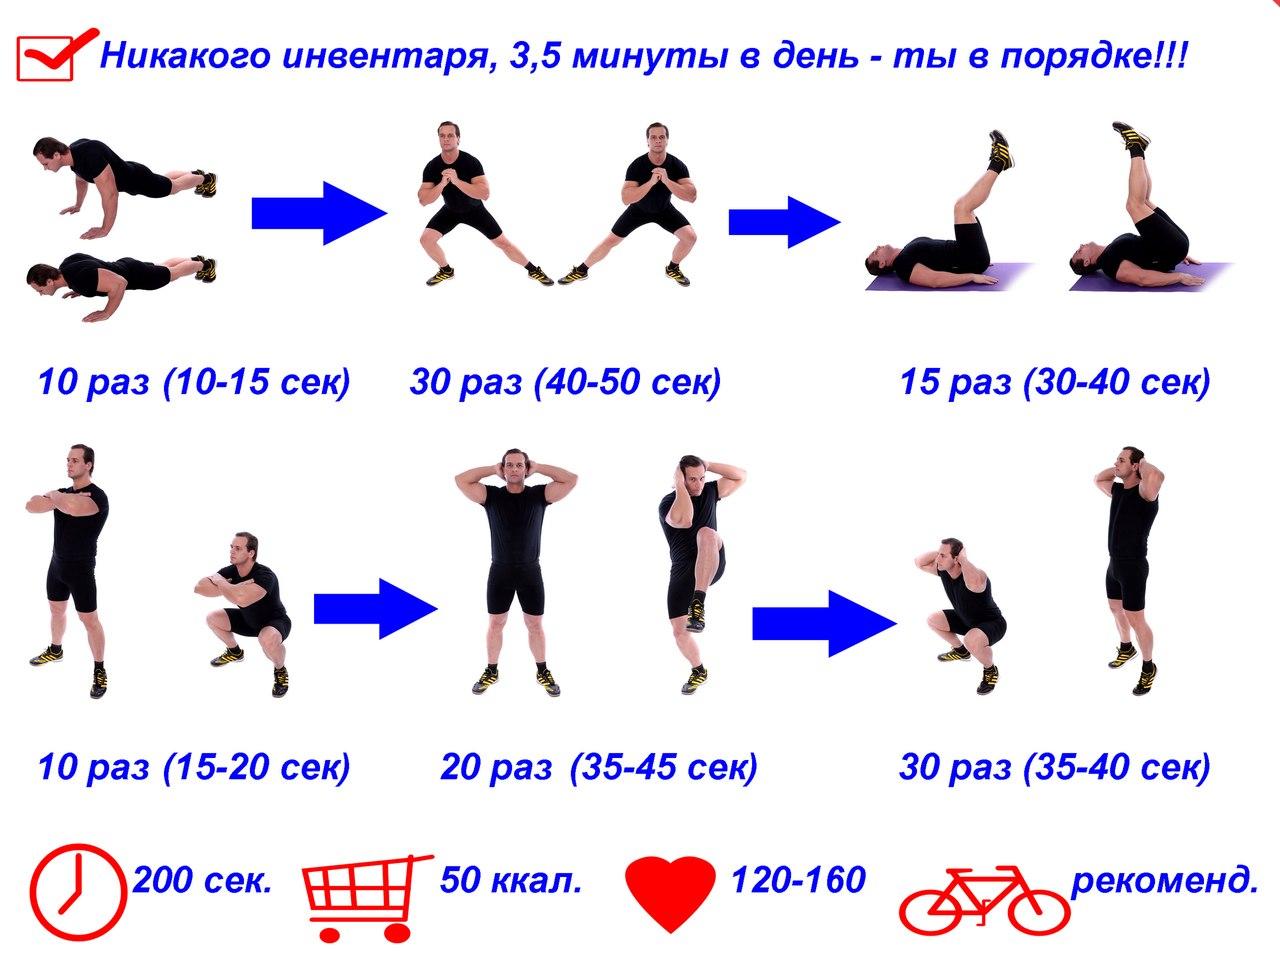 Комплекс Утренней Гимнастики Для Похудения. Утренняя зарядка для похудения и здоровья: комплекс упражнений, видео